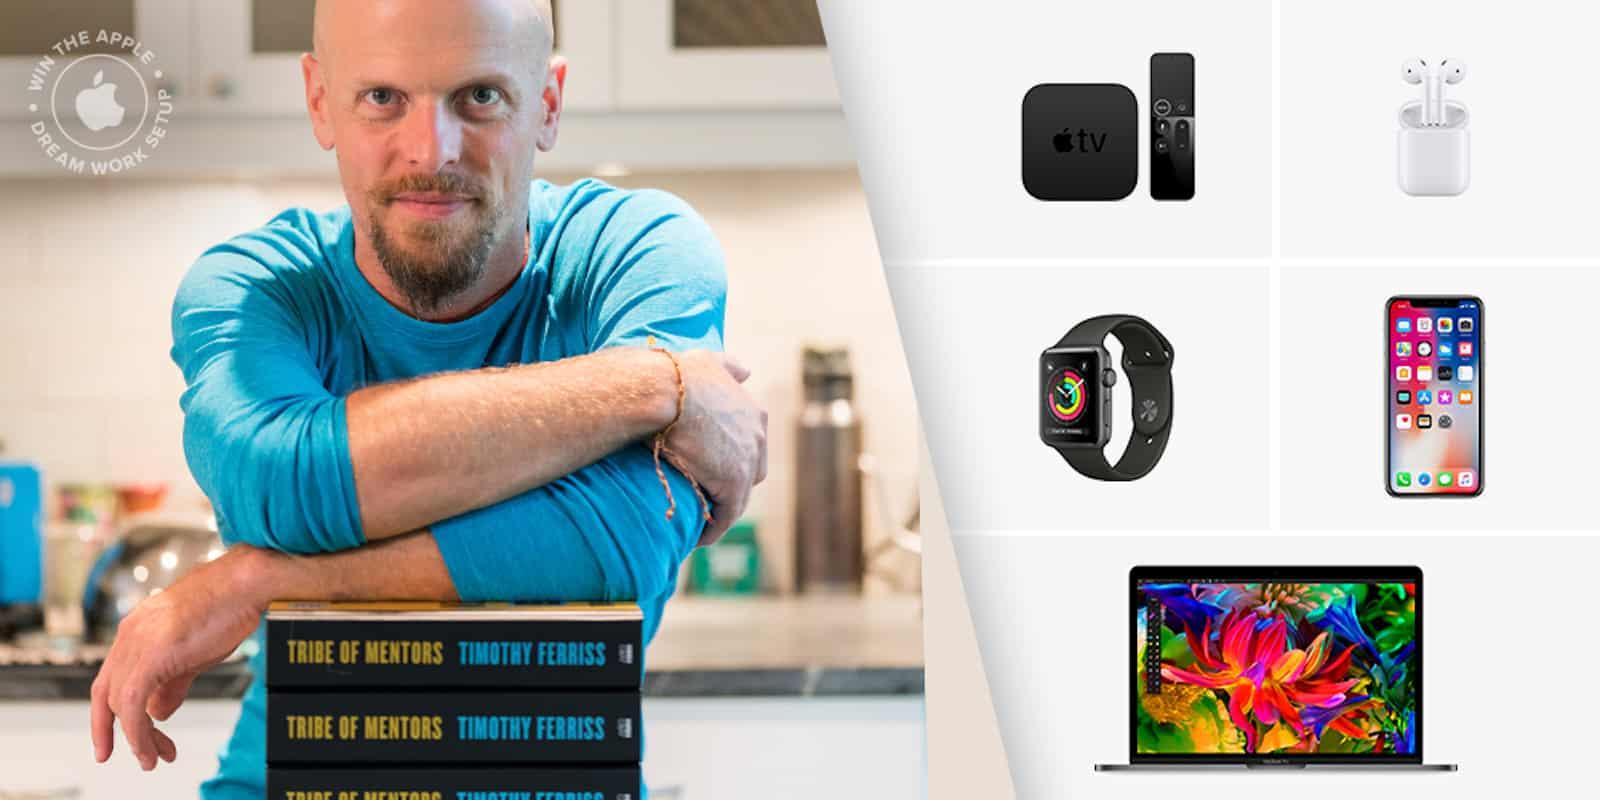 Tim Ferriss Apple dream setup giveaway